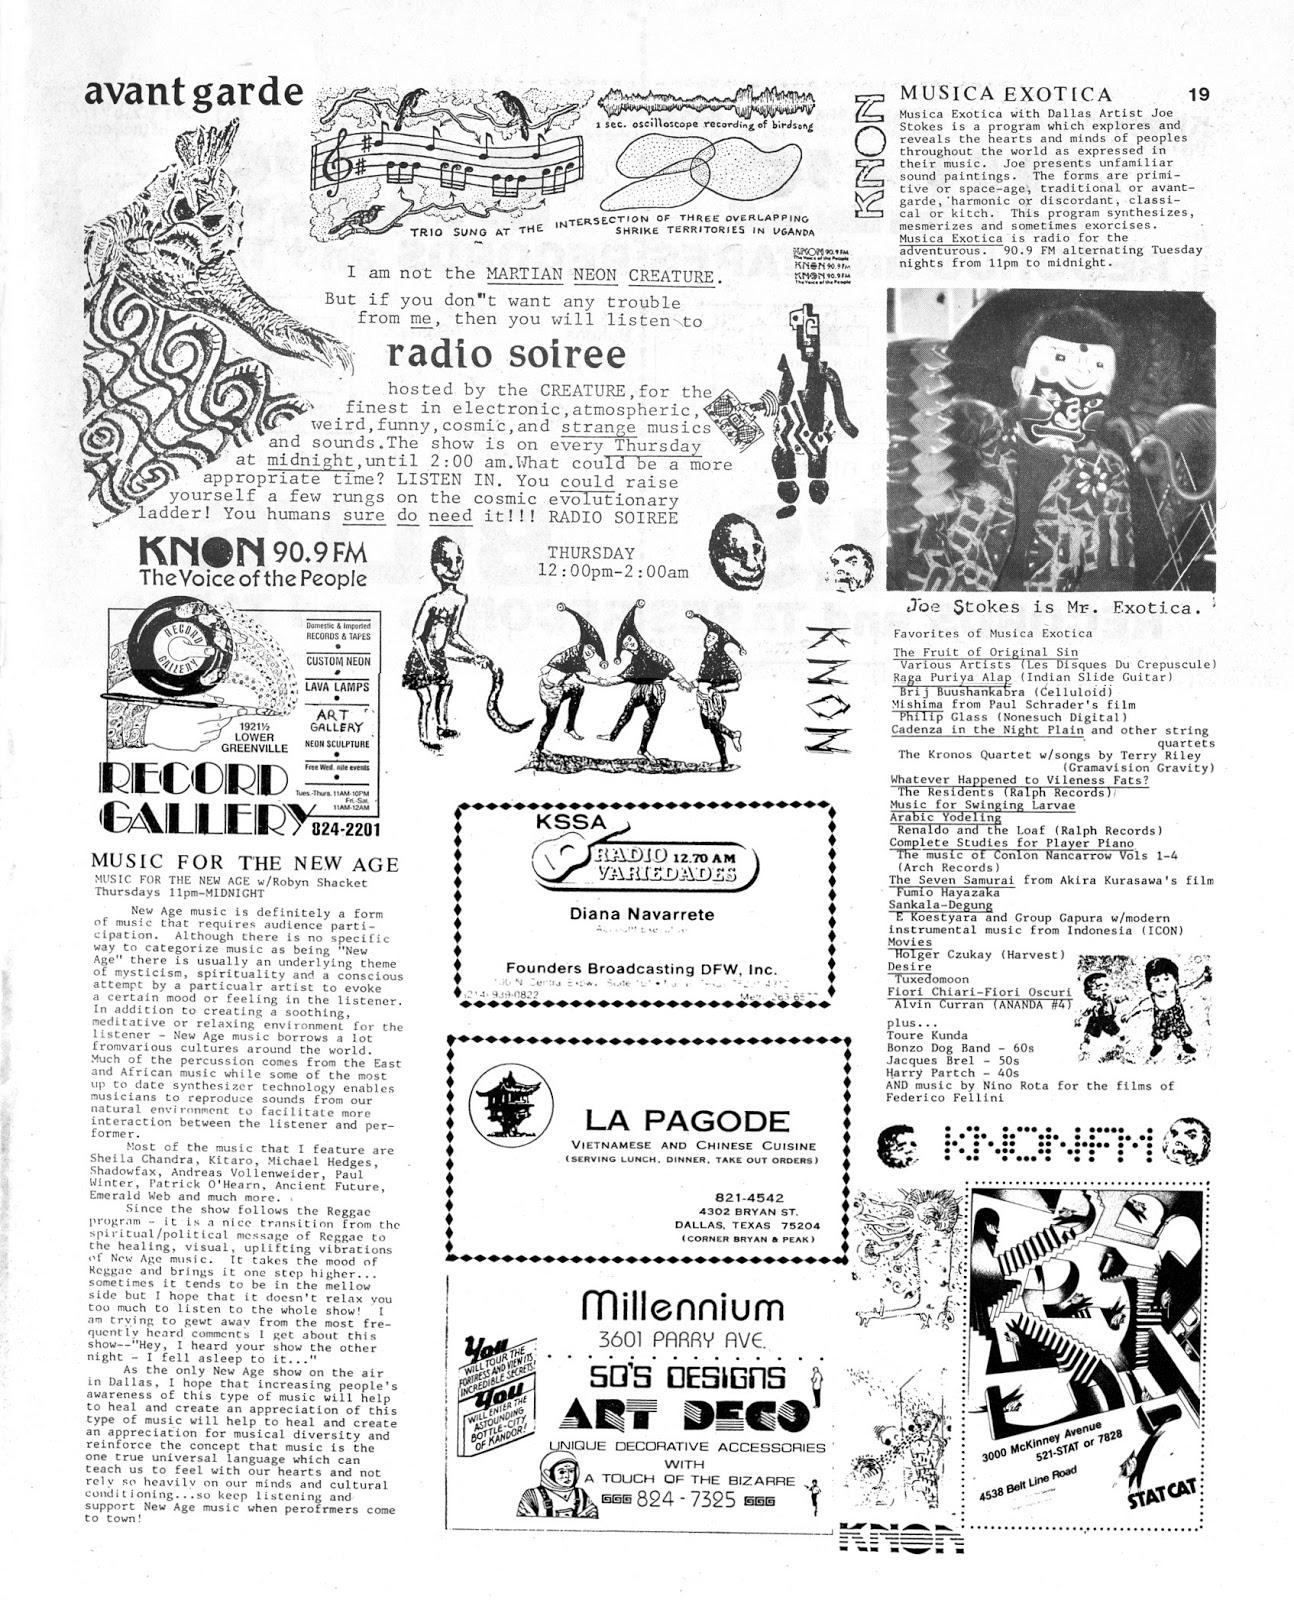 scrapbook-1985-issue-2-p19